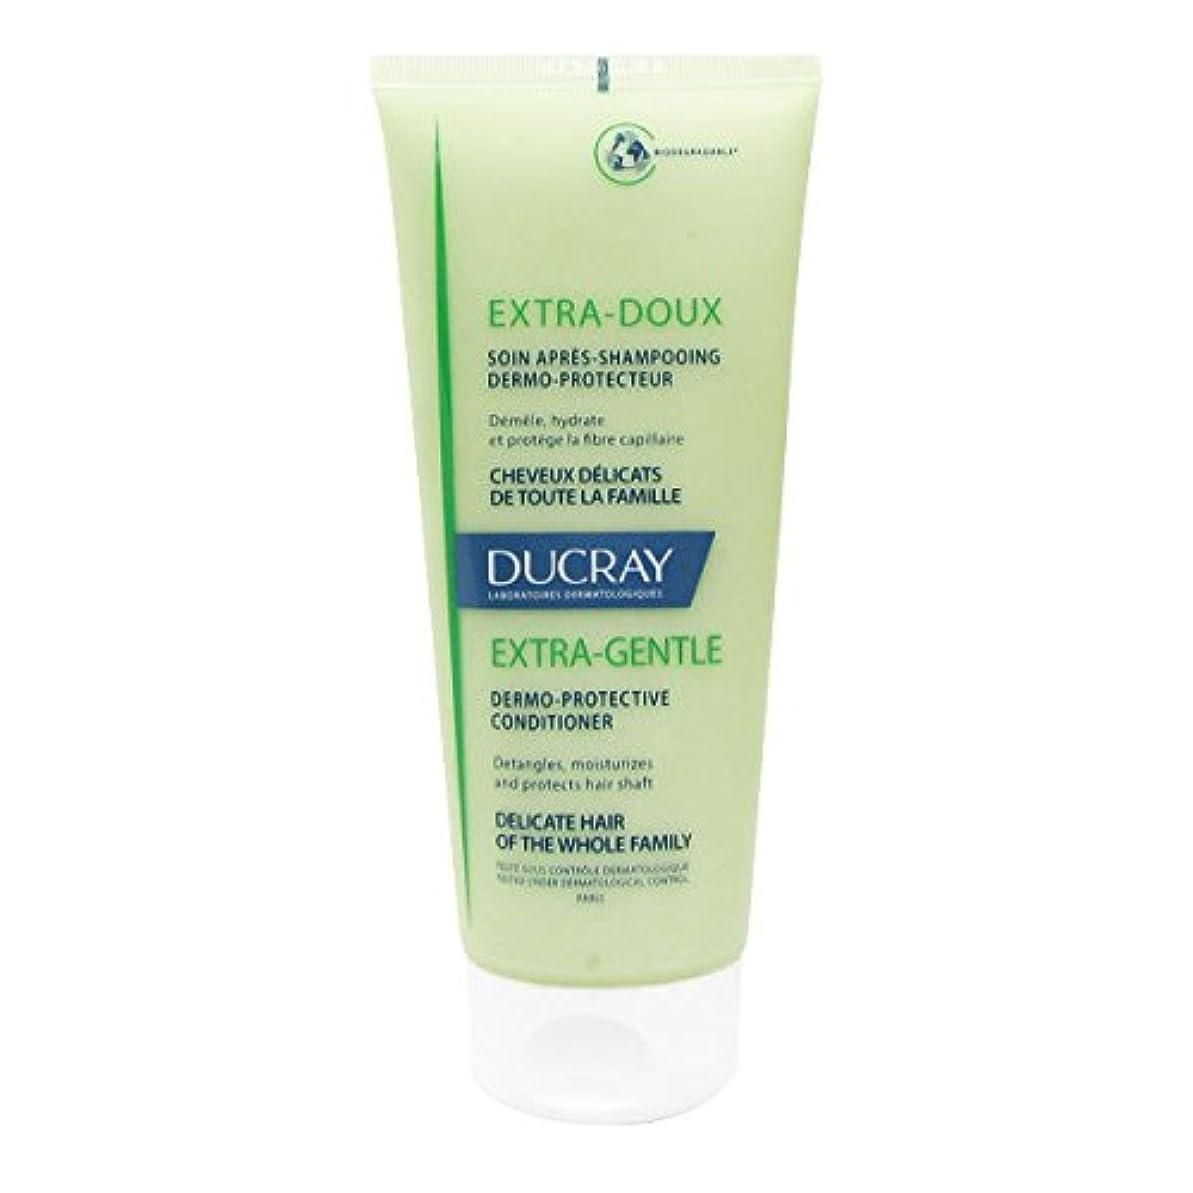 難民ベギン韻Ducray Extra Soft Hair Conditioner 200ml [並行輸入品]